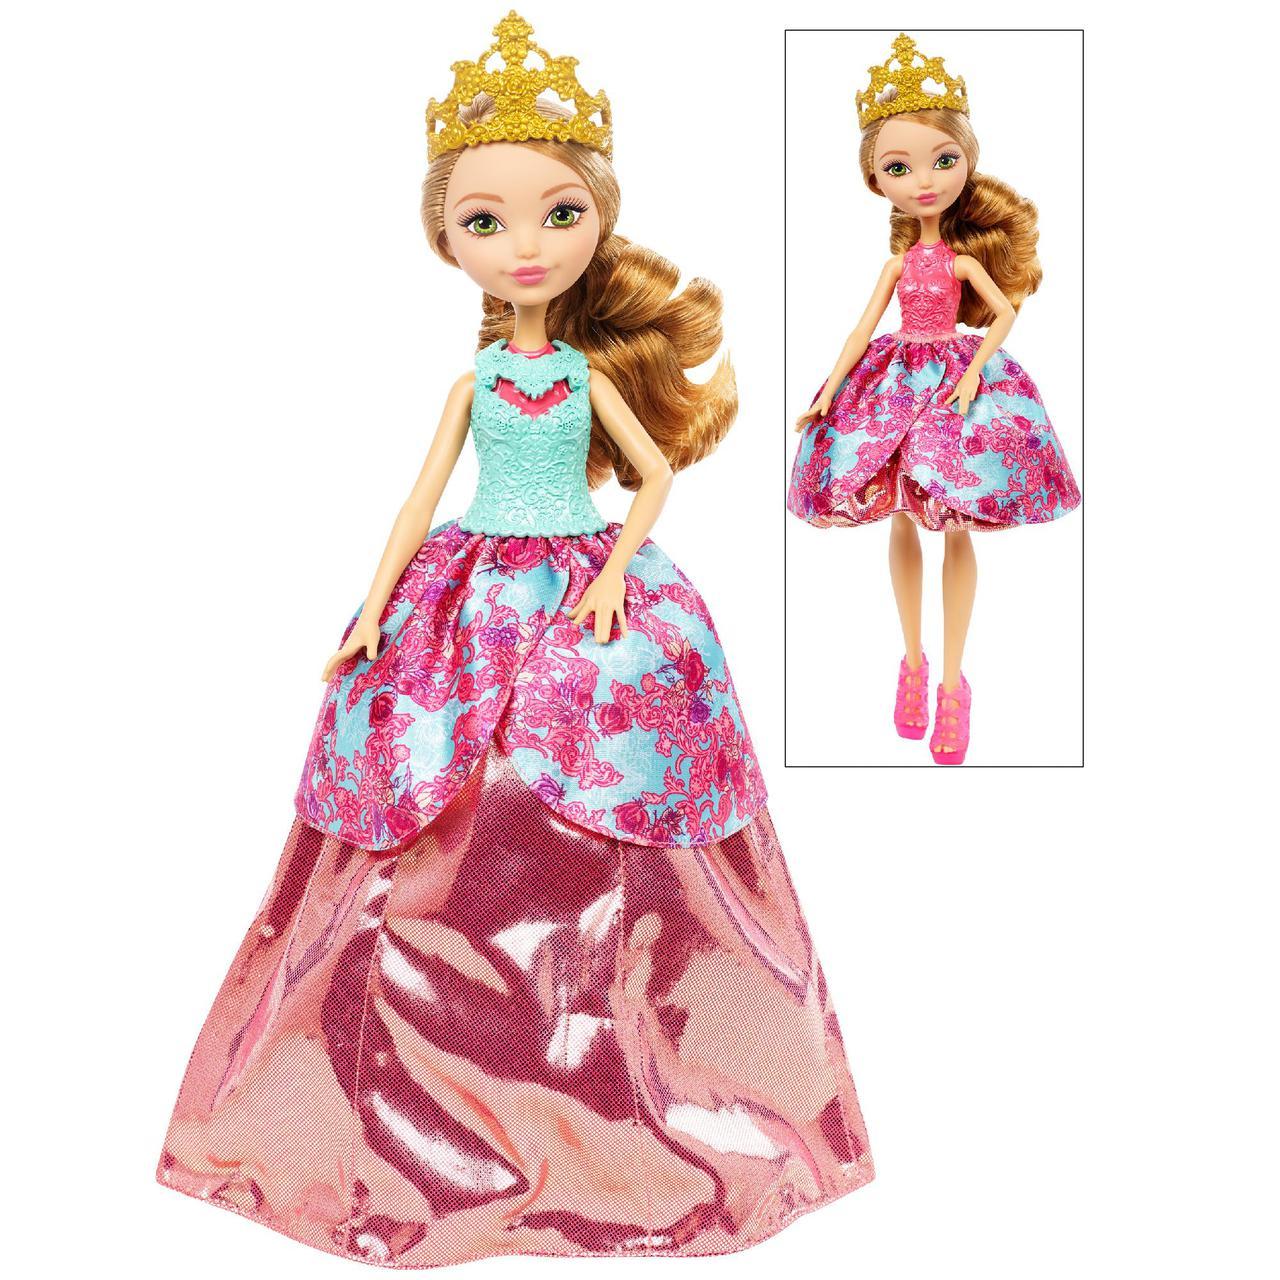 а, Кукла Ever After High Ashlynn Ella 2-in-1 Эшлин Элла Волшебная мода 2-в-1